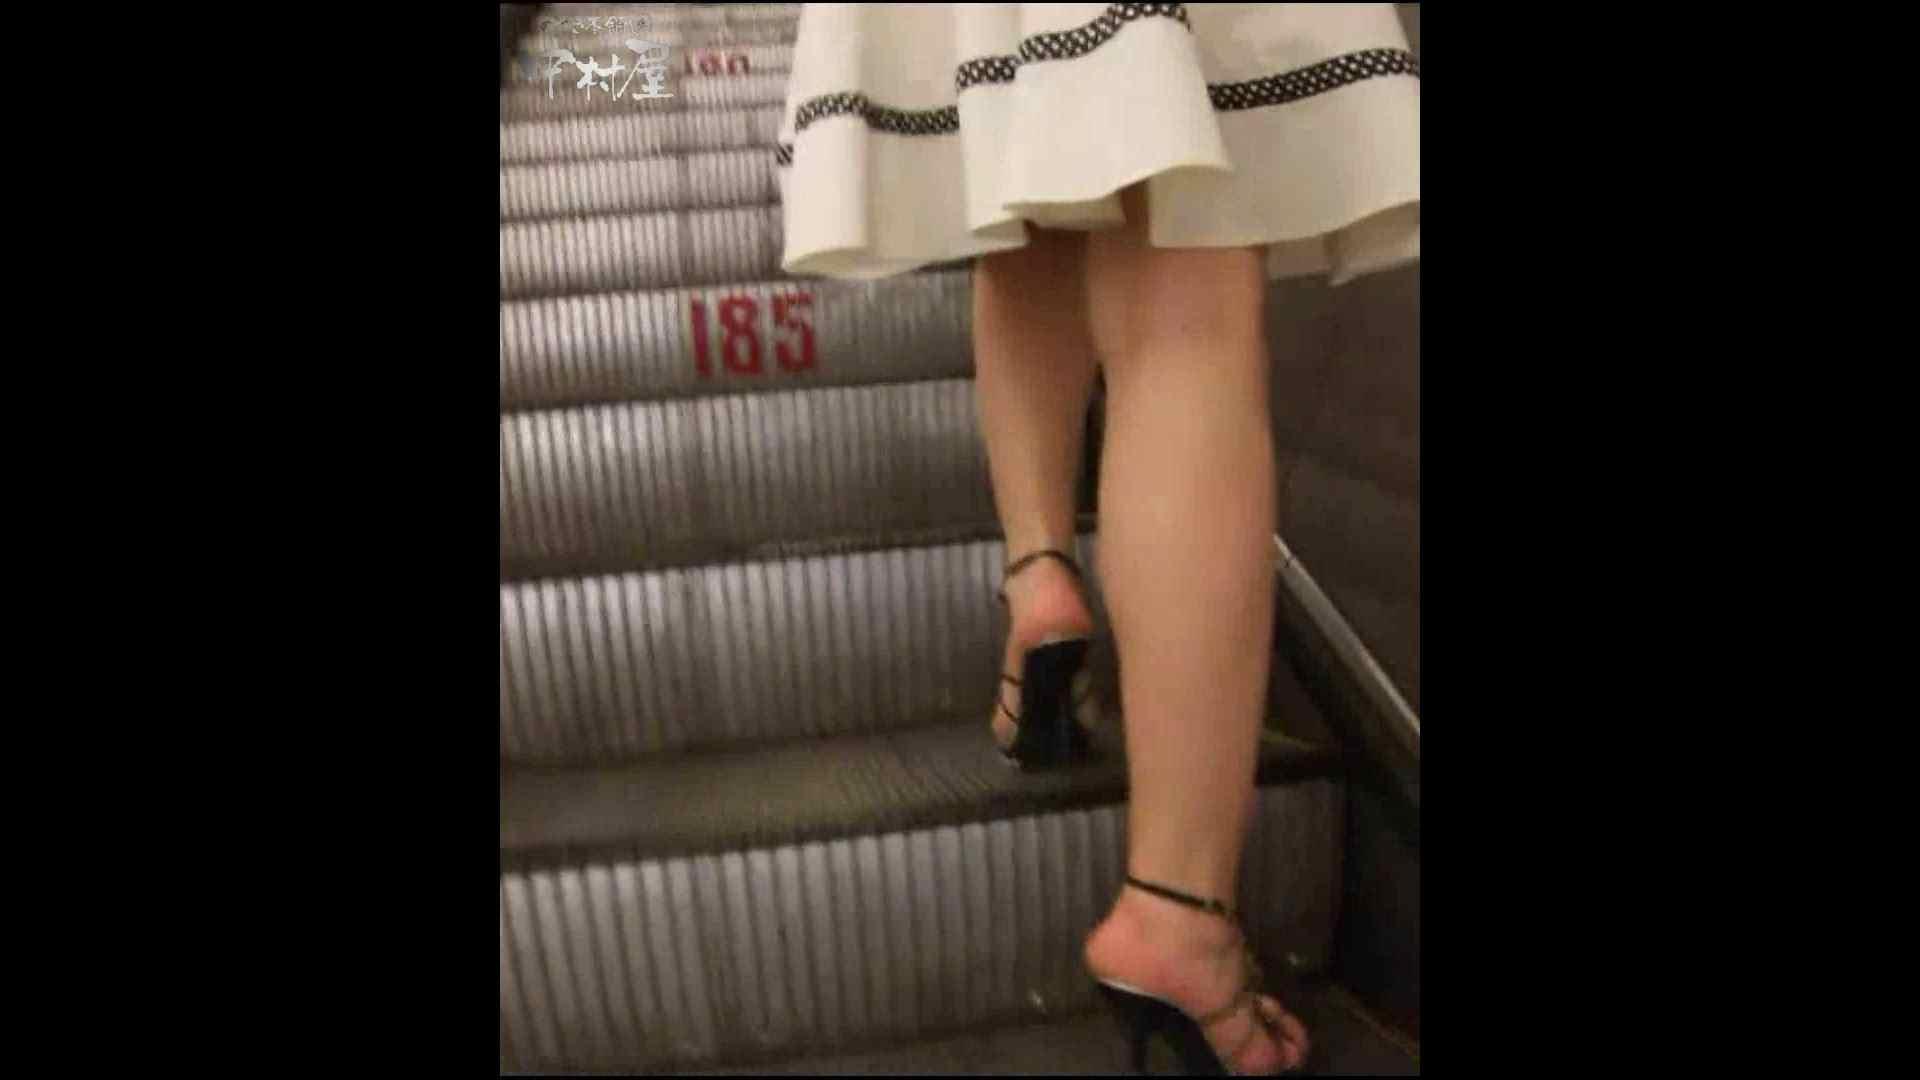 綺麗なモデルさんのスカート捲っちゃおう‼ vol26 OLのエロ生活 | モデルのエロ生活  29連発 13